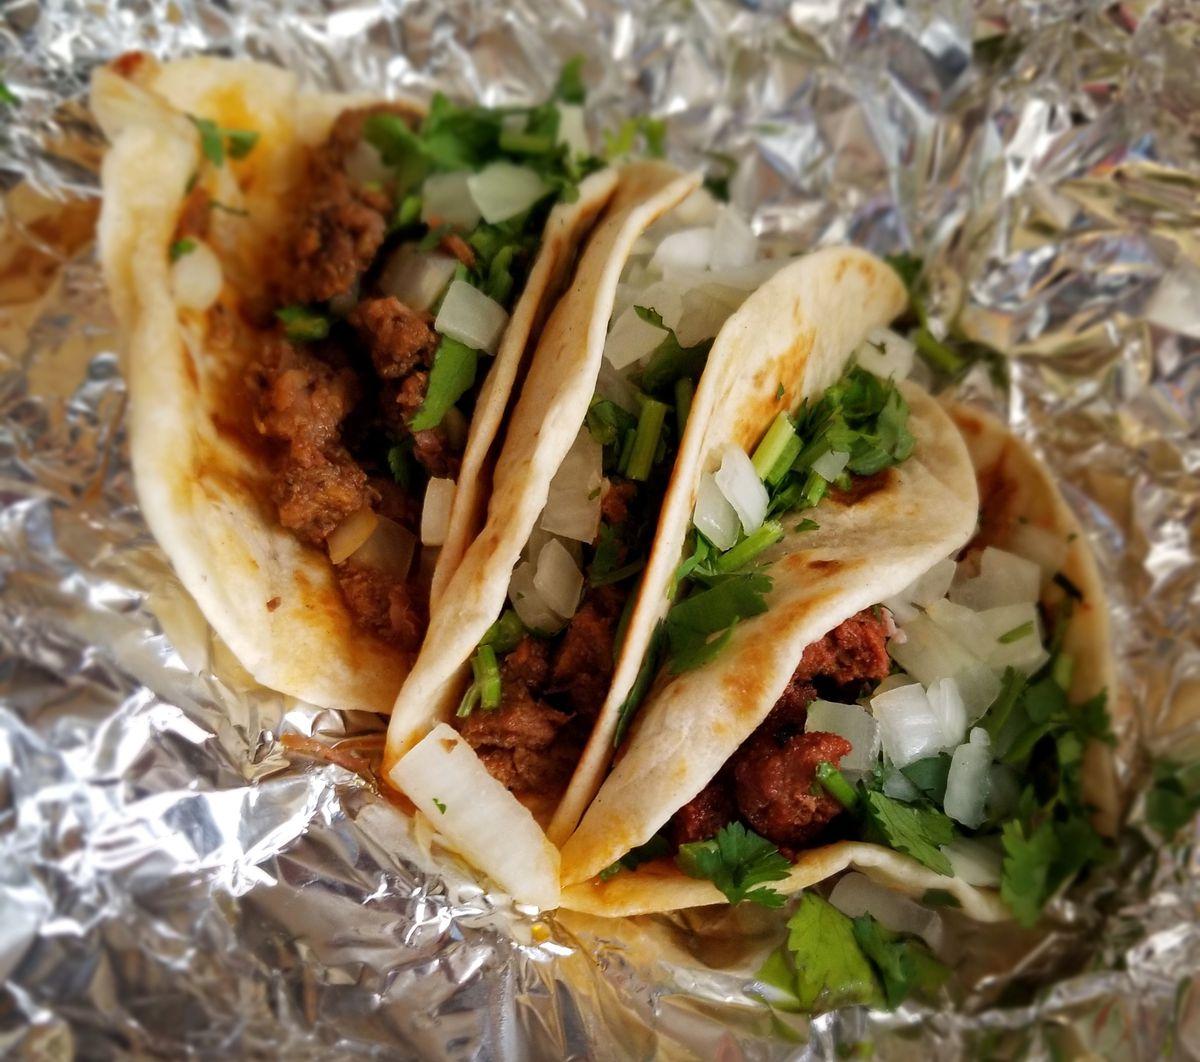 tacos in foil